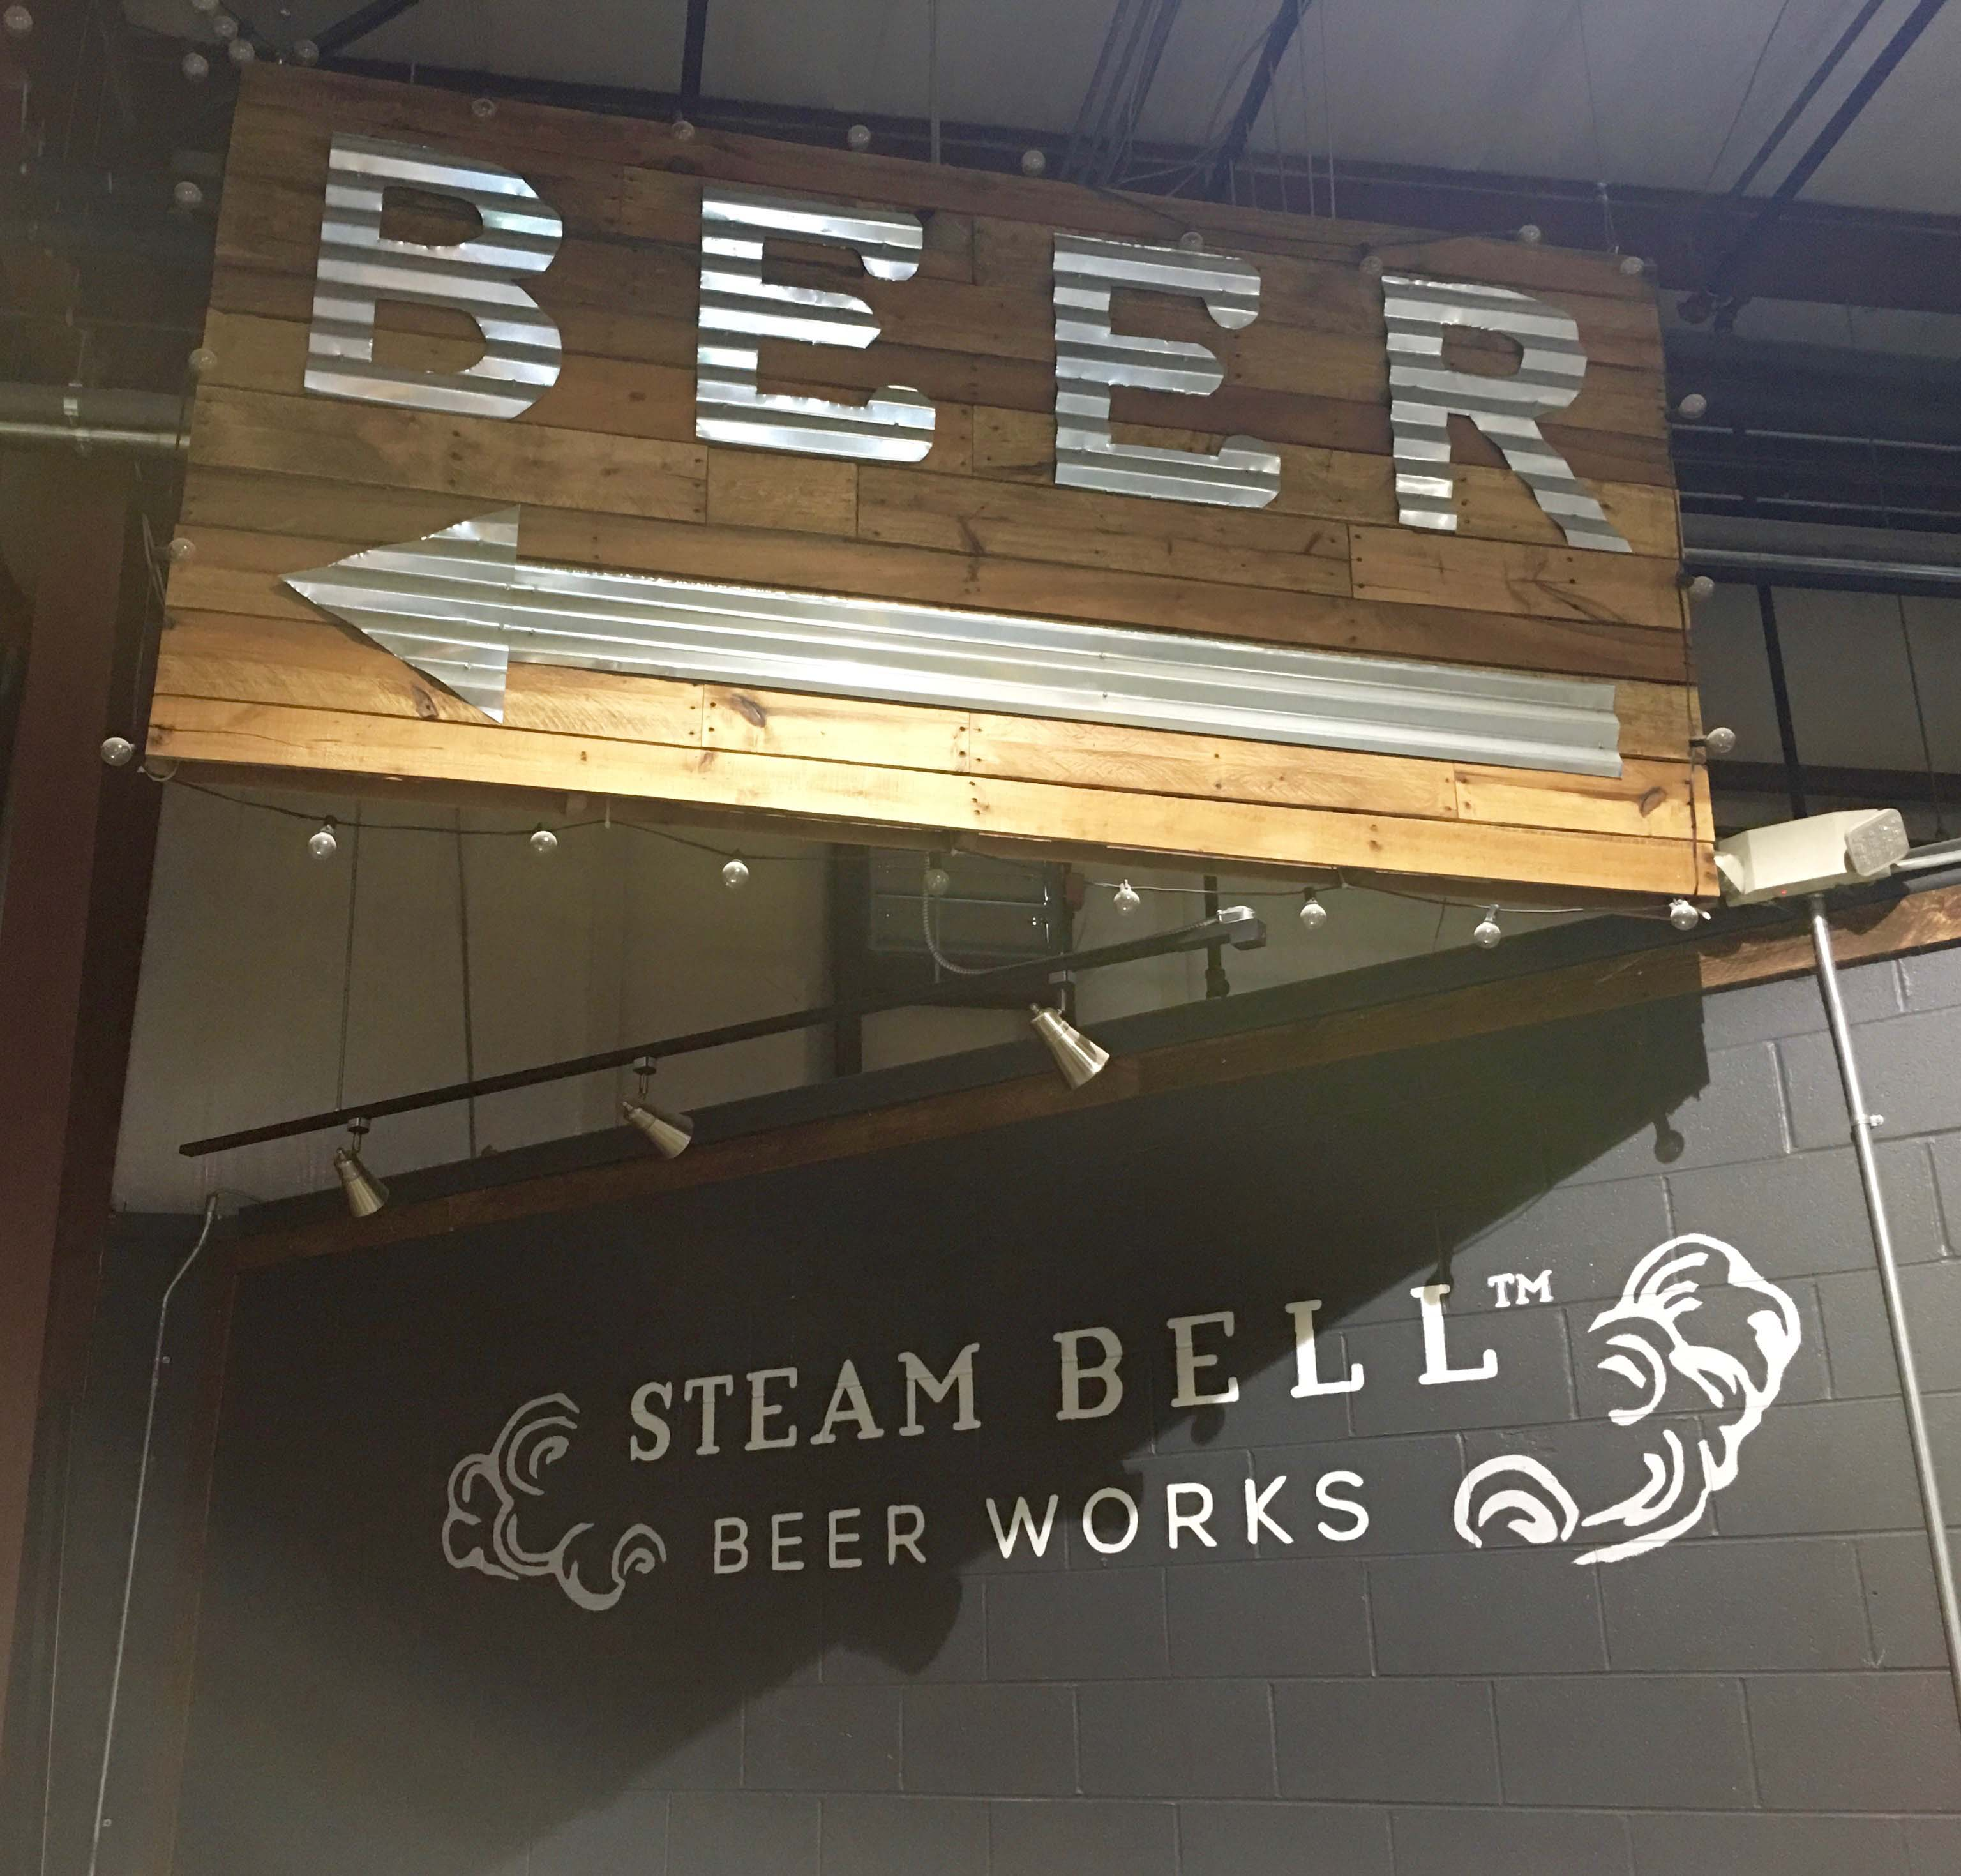 Steam Bell Beer Works, Midlothian craft brewery